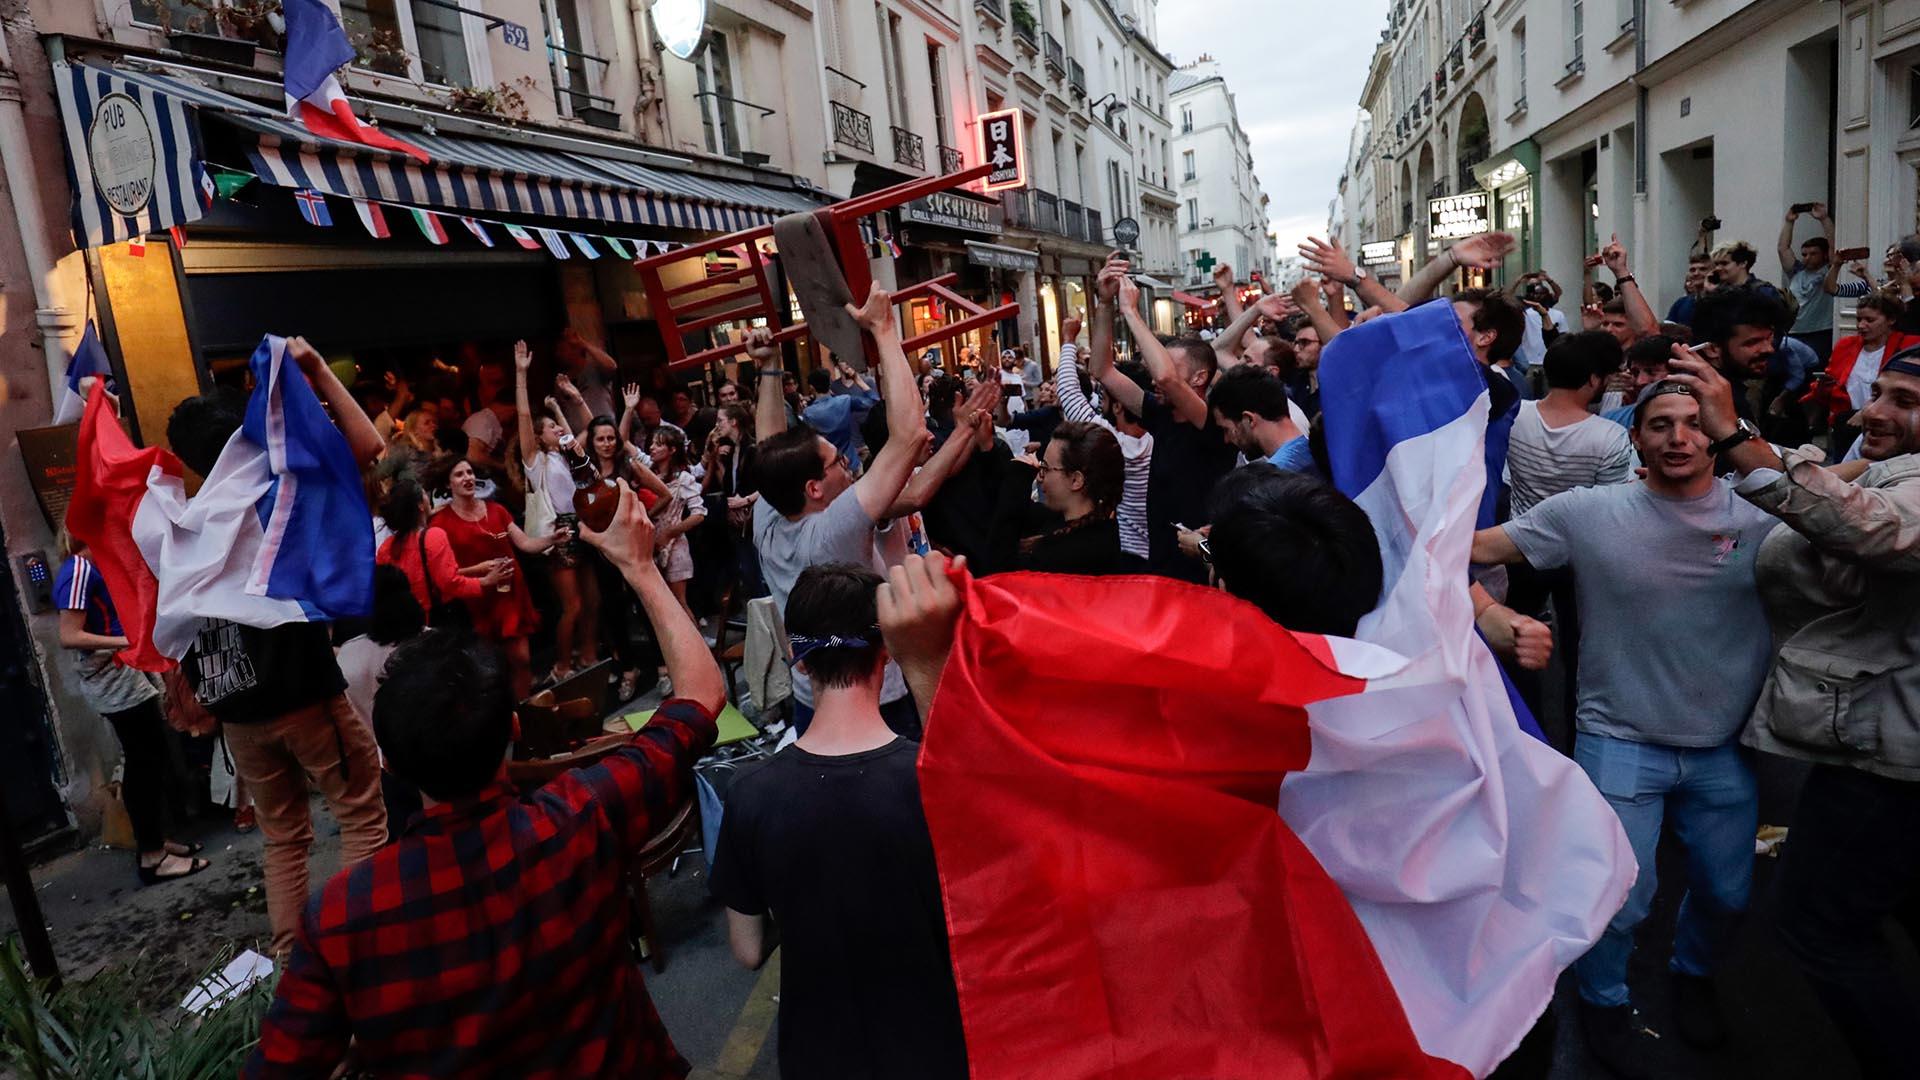 Los galos jugarán la final de la Copa del Mundo ante Inglaterra o Croacia